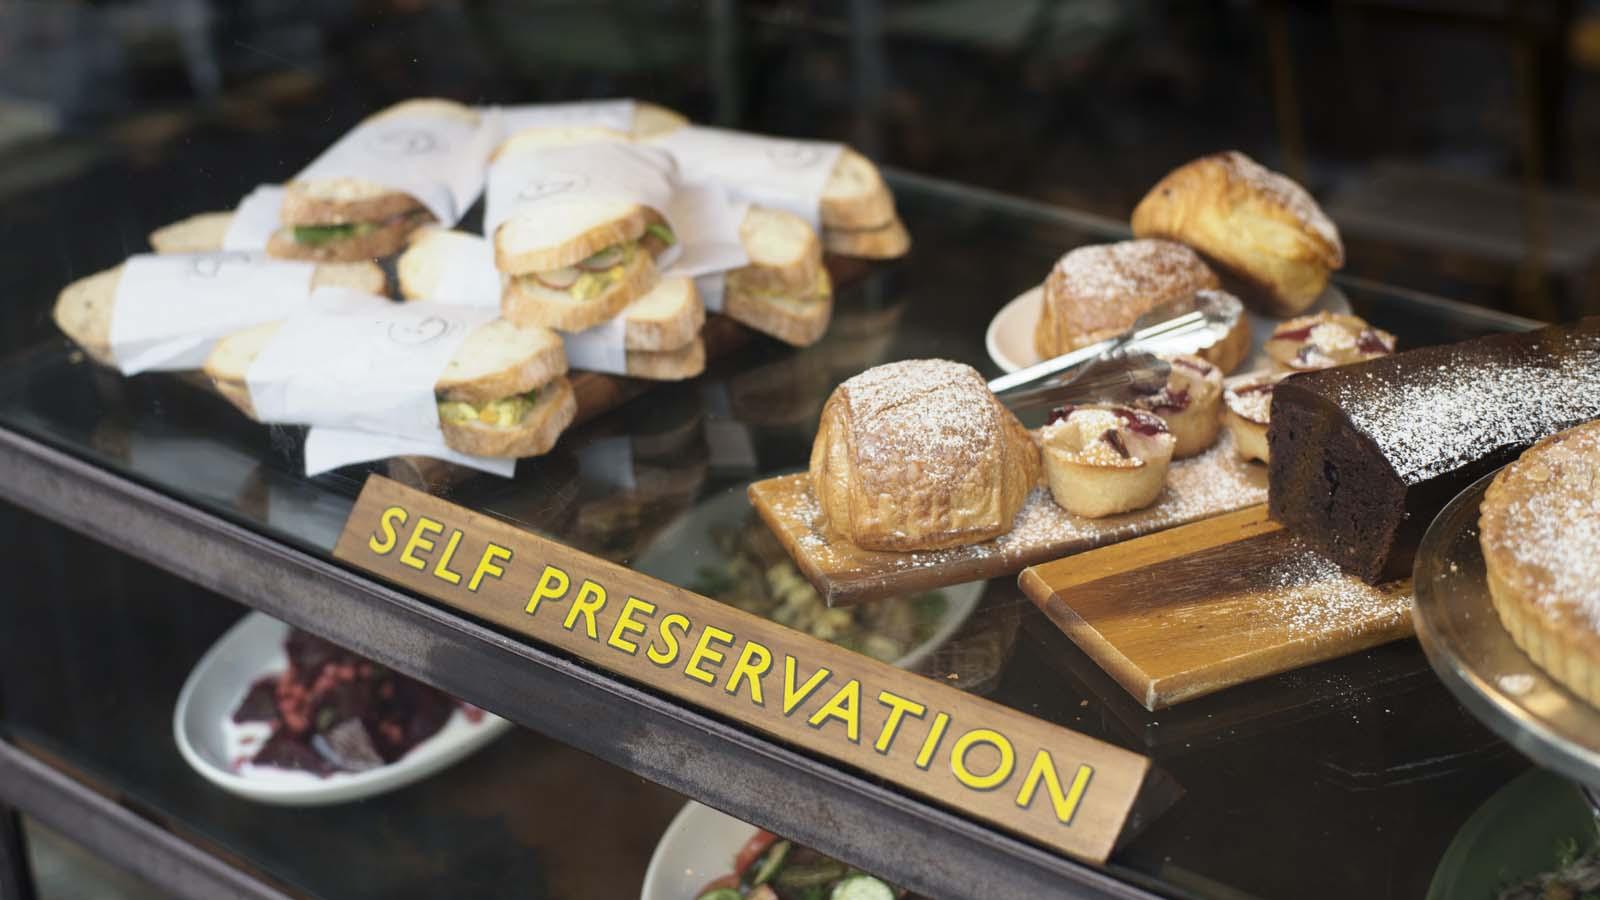 Self Preservation, Melbourne, Victoria, Australia